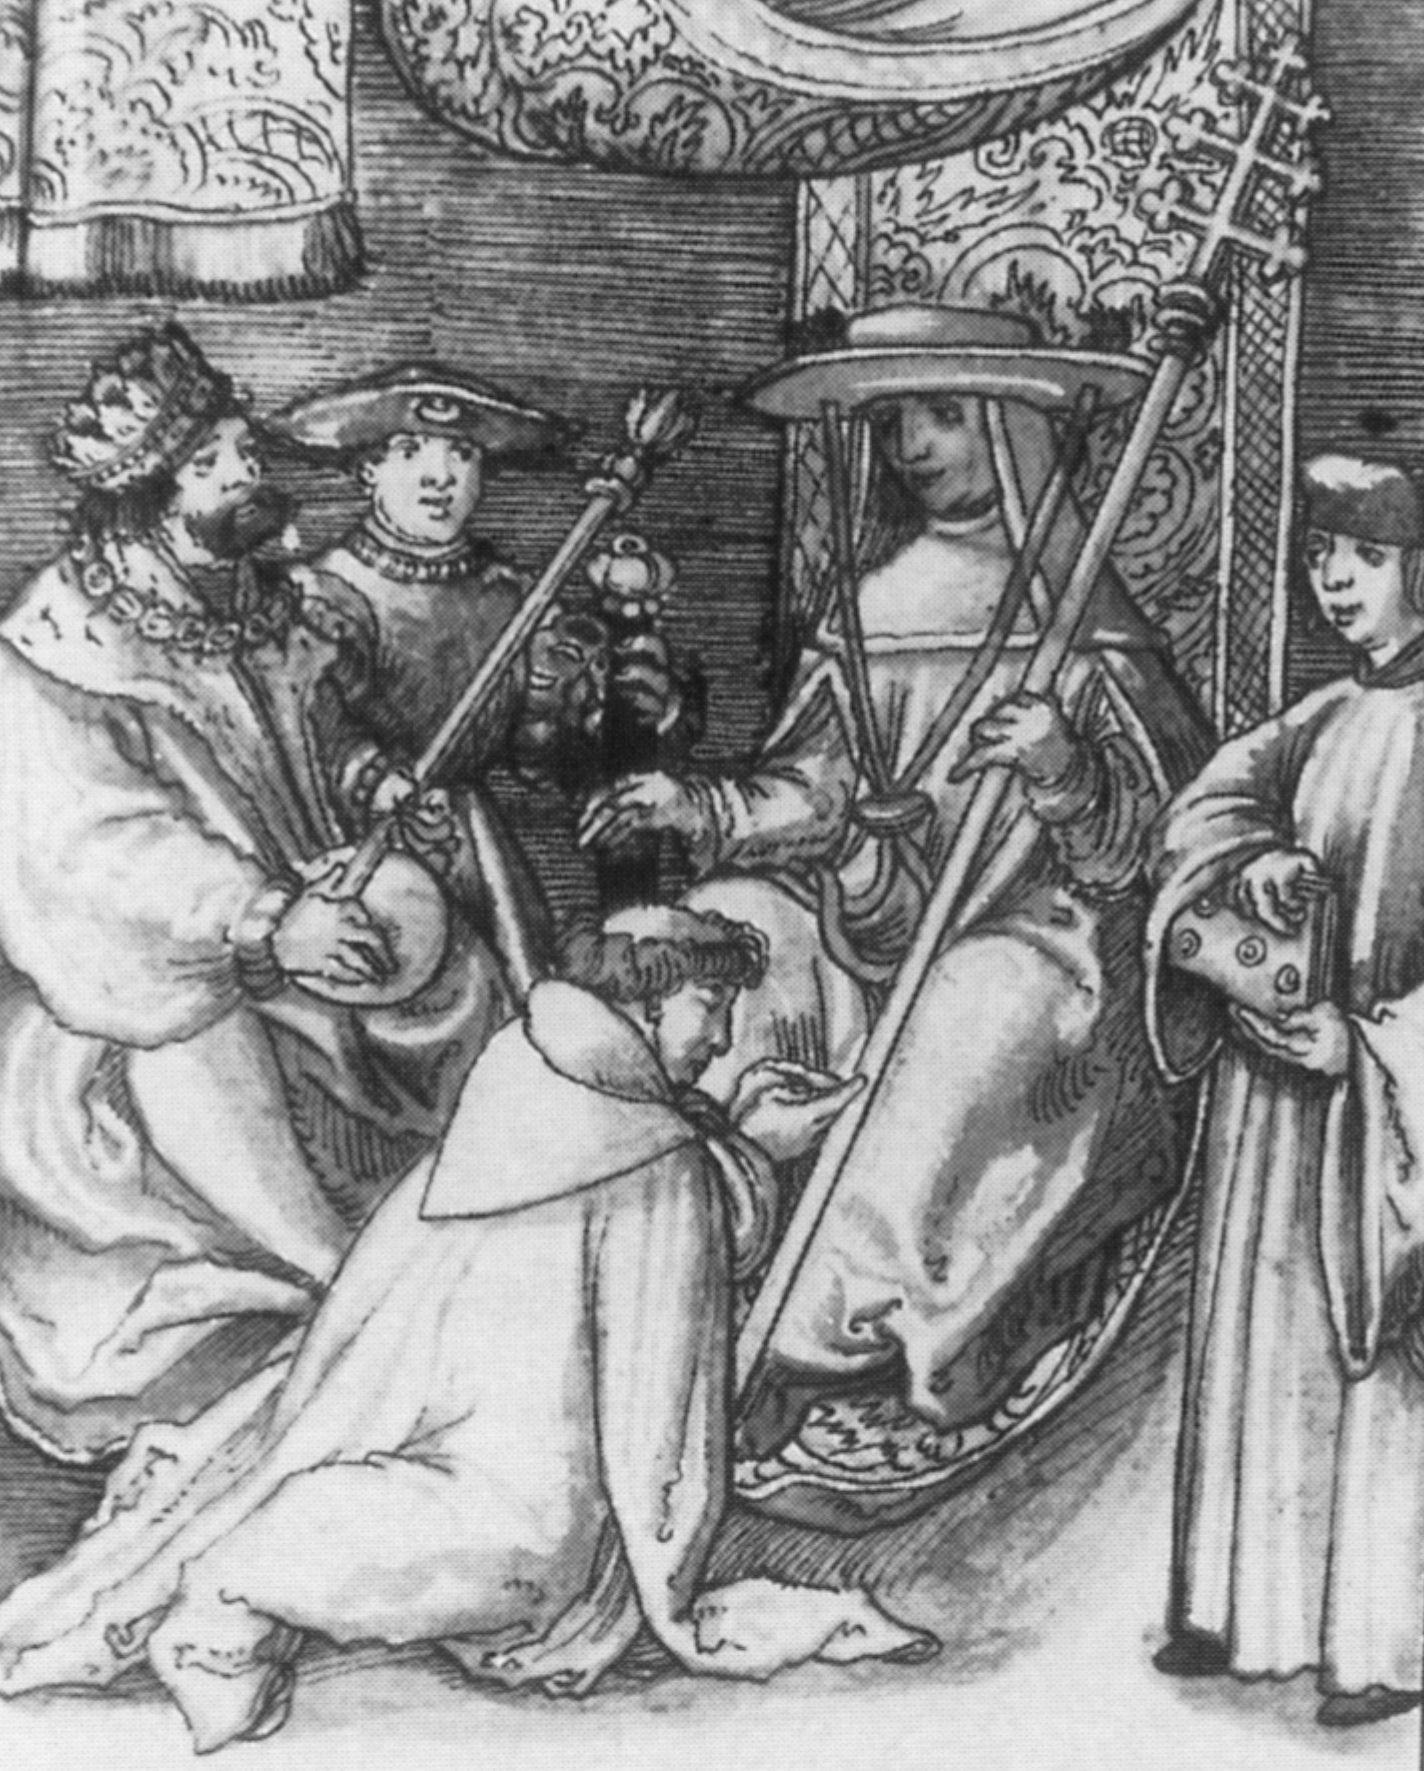 Lucjusz II dostał uderzenie kamieniem podczas walk o Kapitol. Zginął od ran po kilku dniach męczarni. Na tej XVI-wiecznej niemieckiej miniaturce widzimy arcybiskupa Magdeburga Norberta von Xanten, u stóp tego papieża.